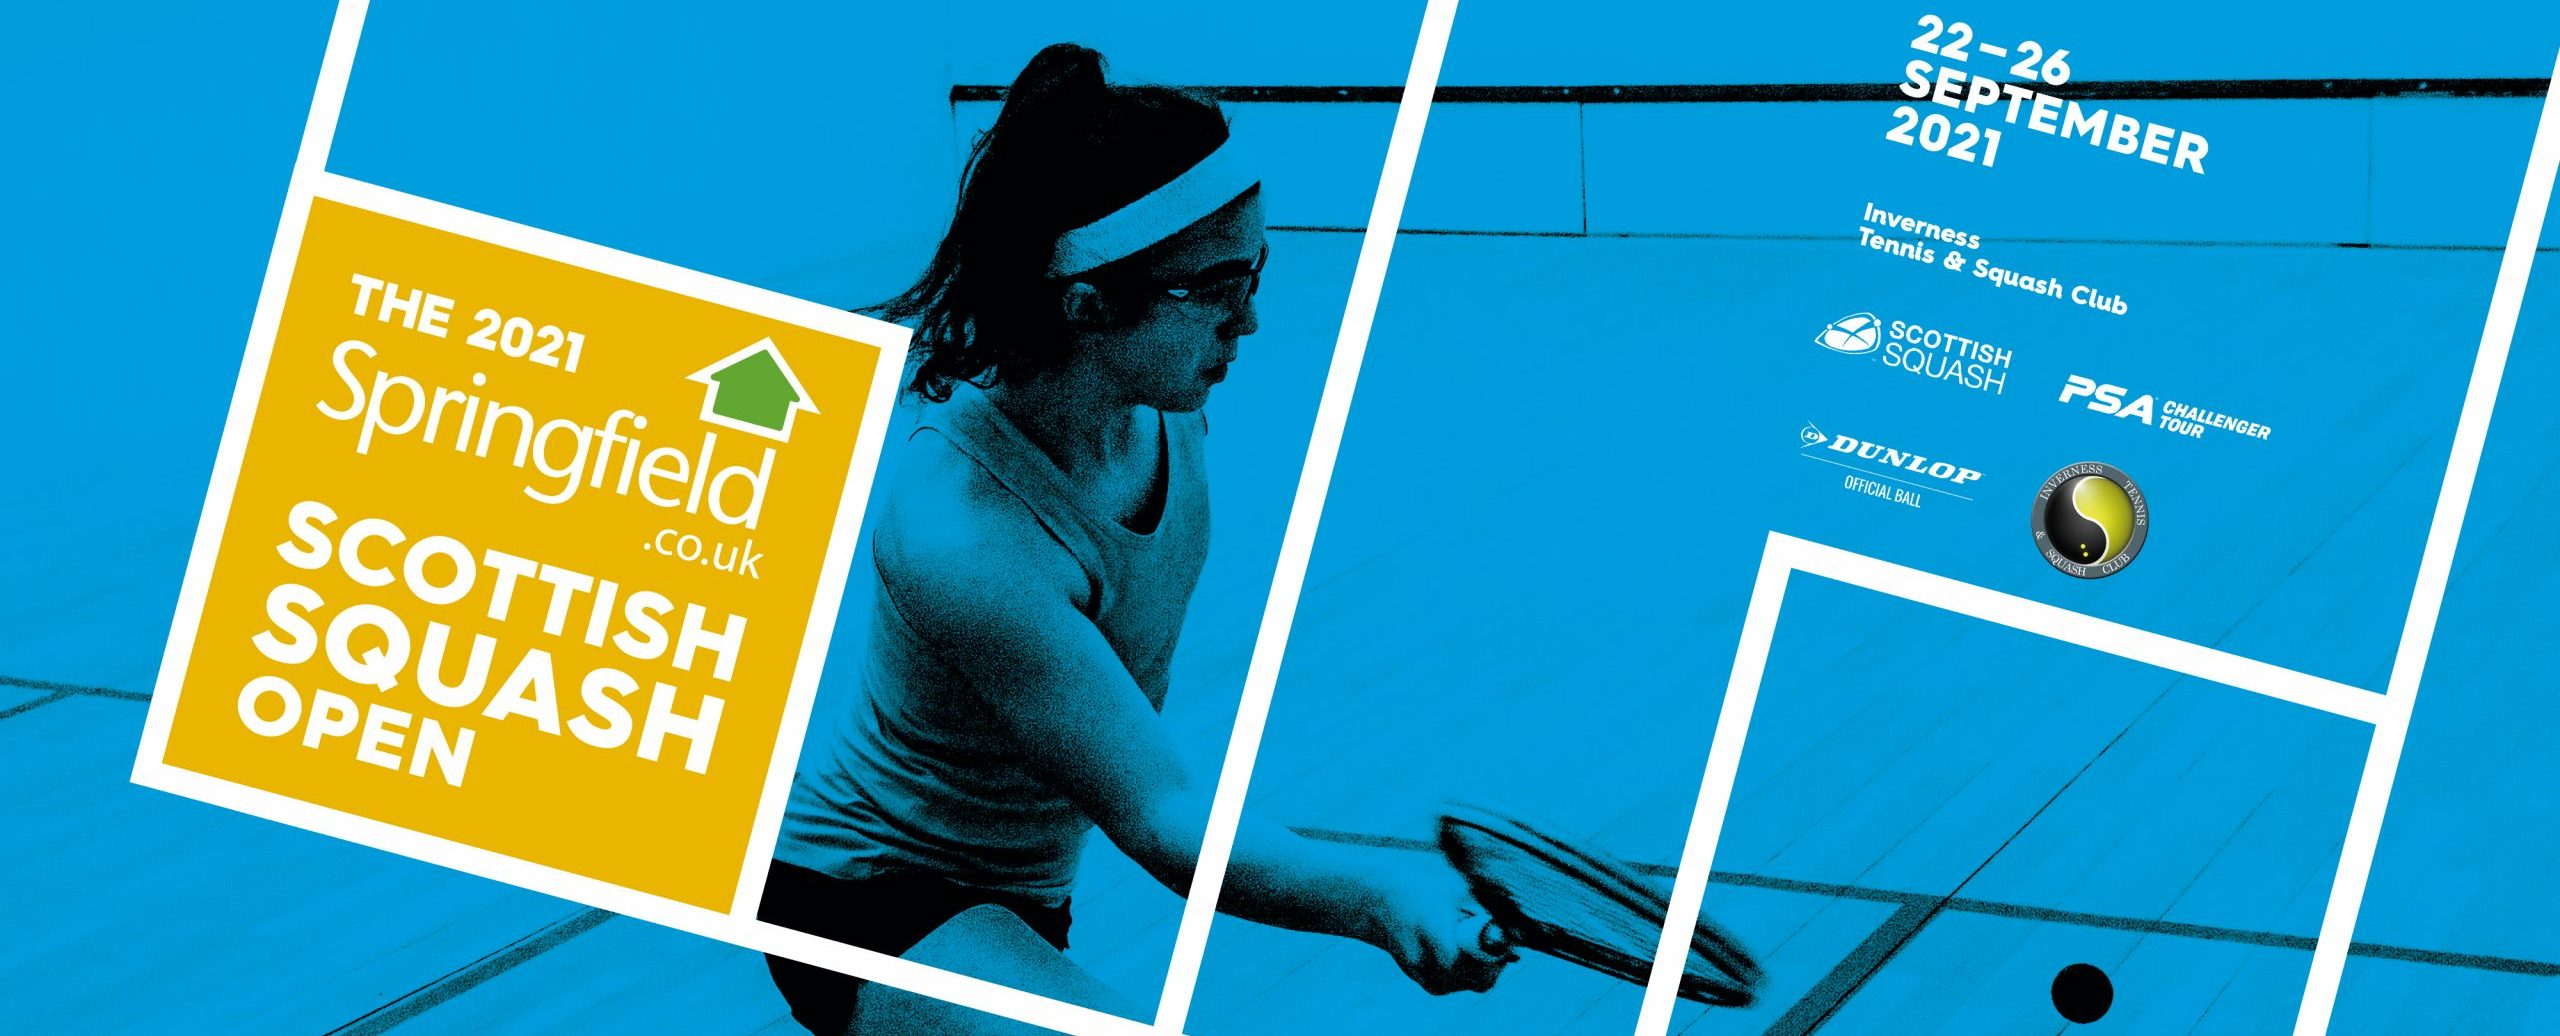 Scottish Squash Open